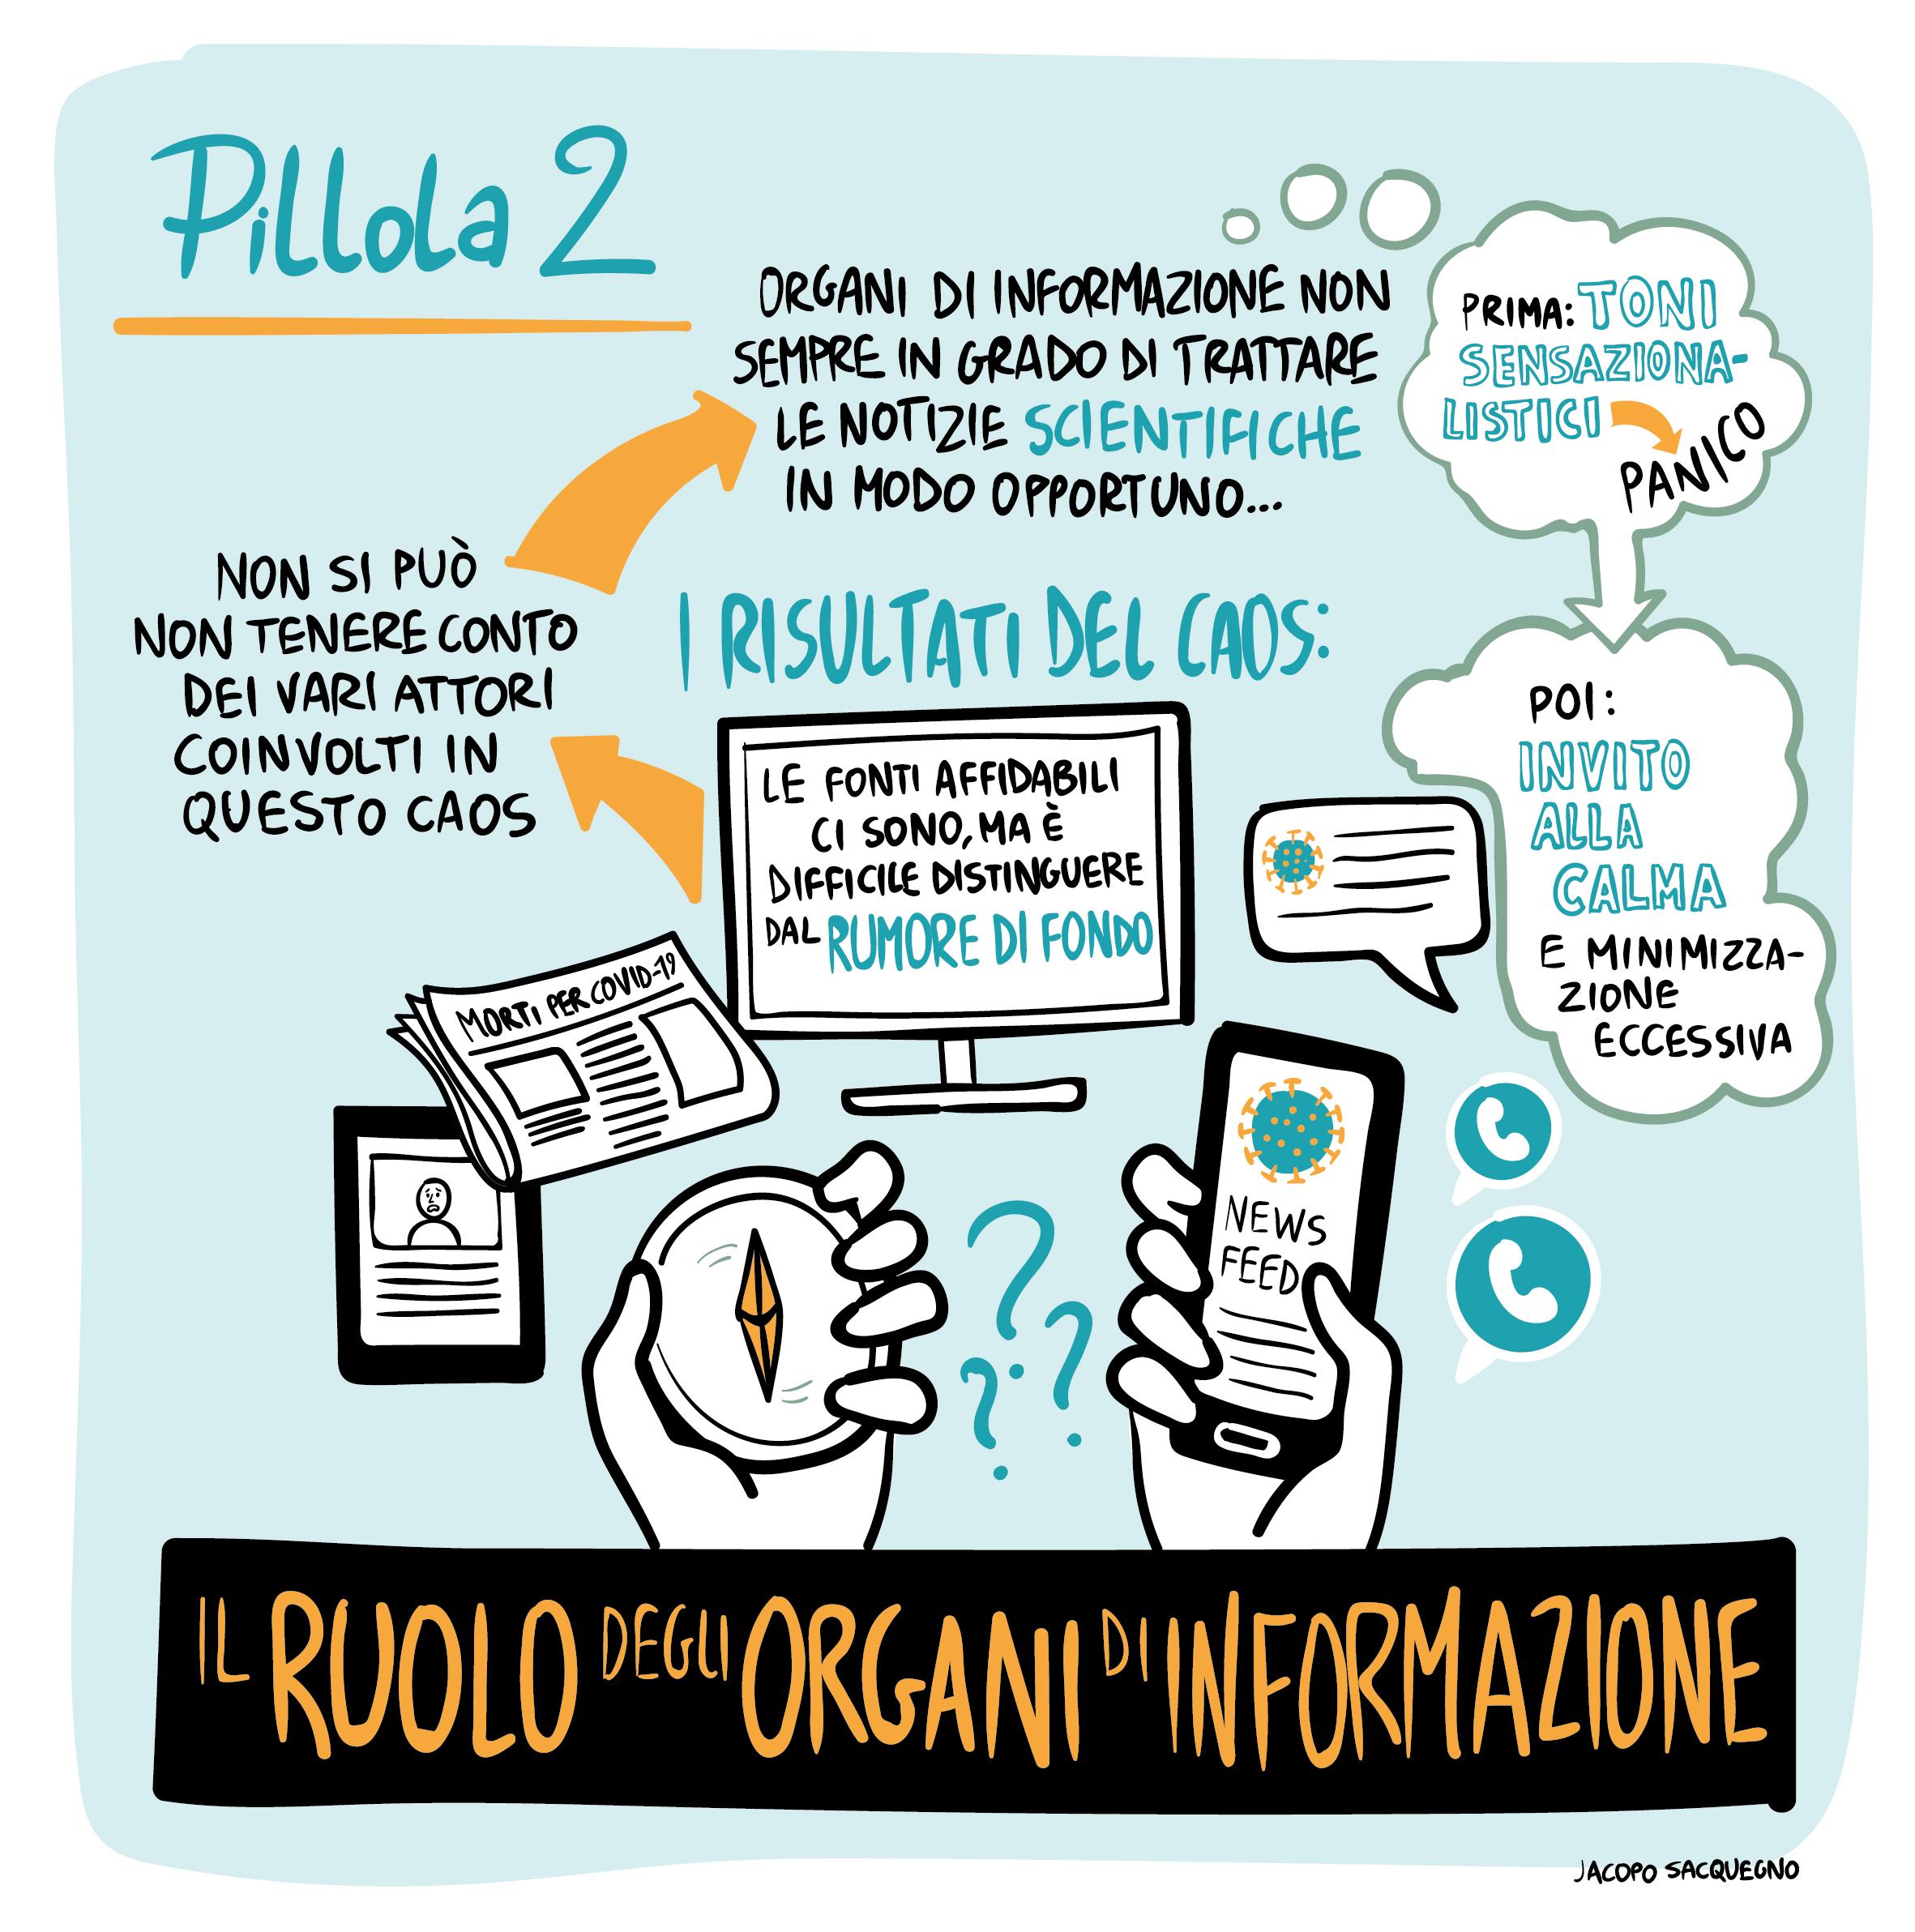 Il ruolo degli organi di informazione